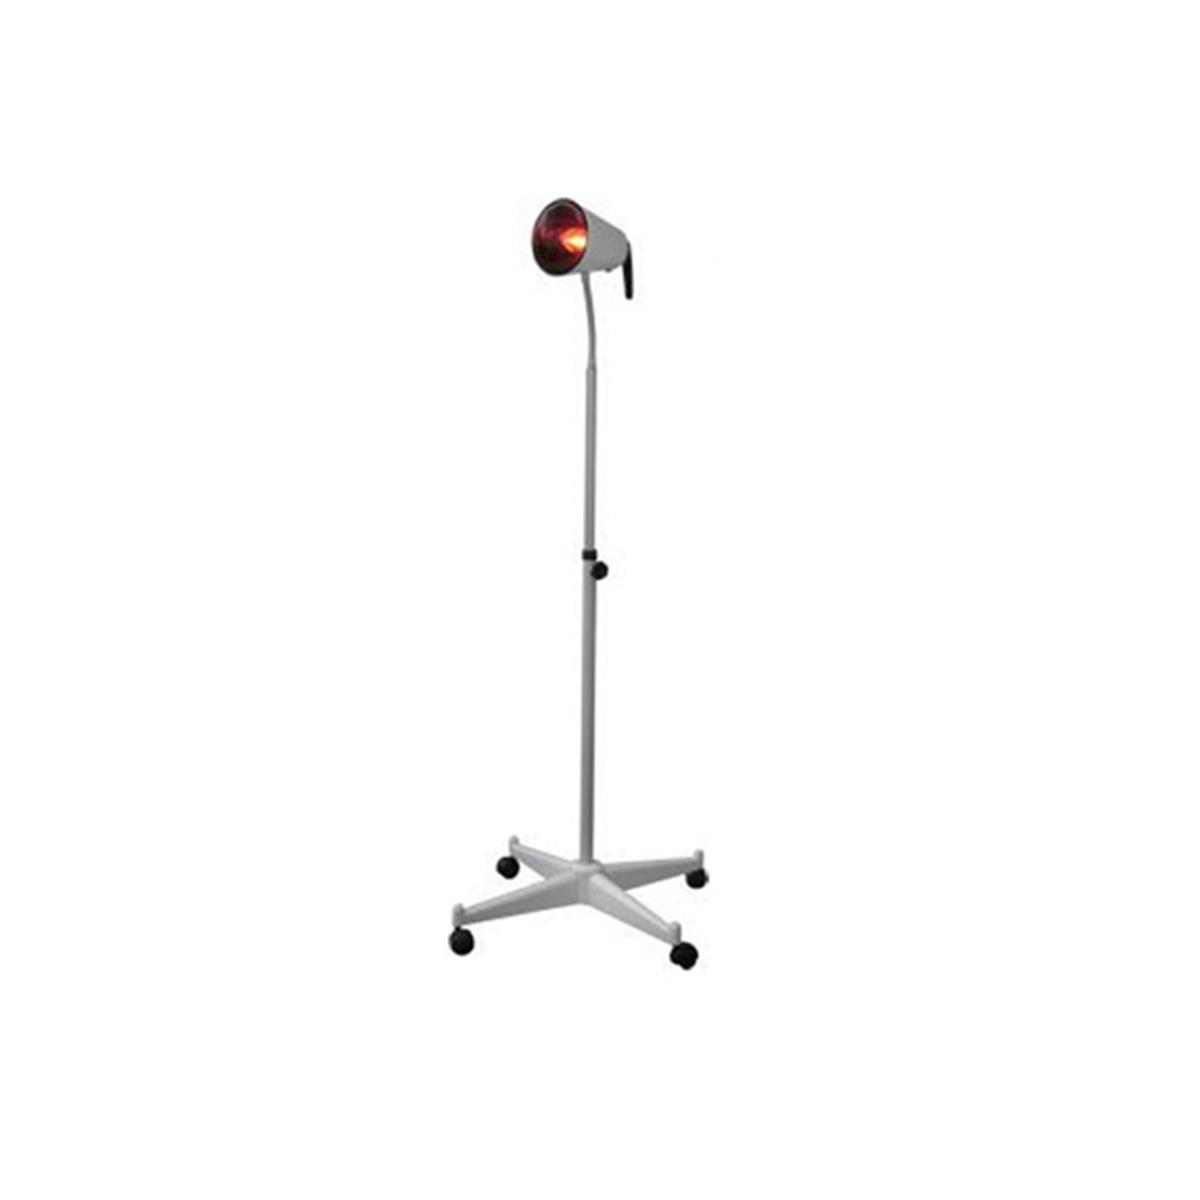 Infravermelho De Pedestal Sem Dimmer Com Lâmpada Para Fisioterapia, Termoterapia 110V - Carci